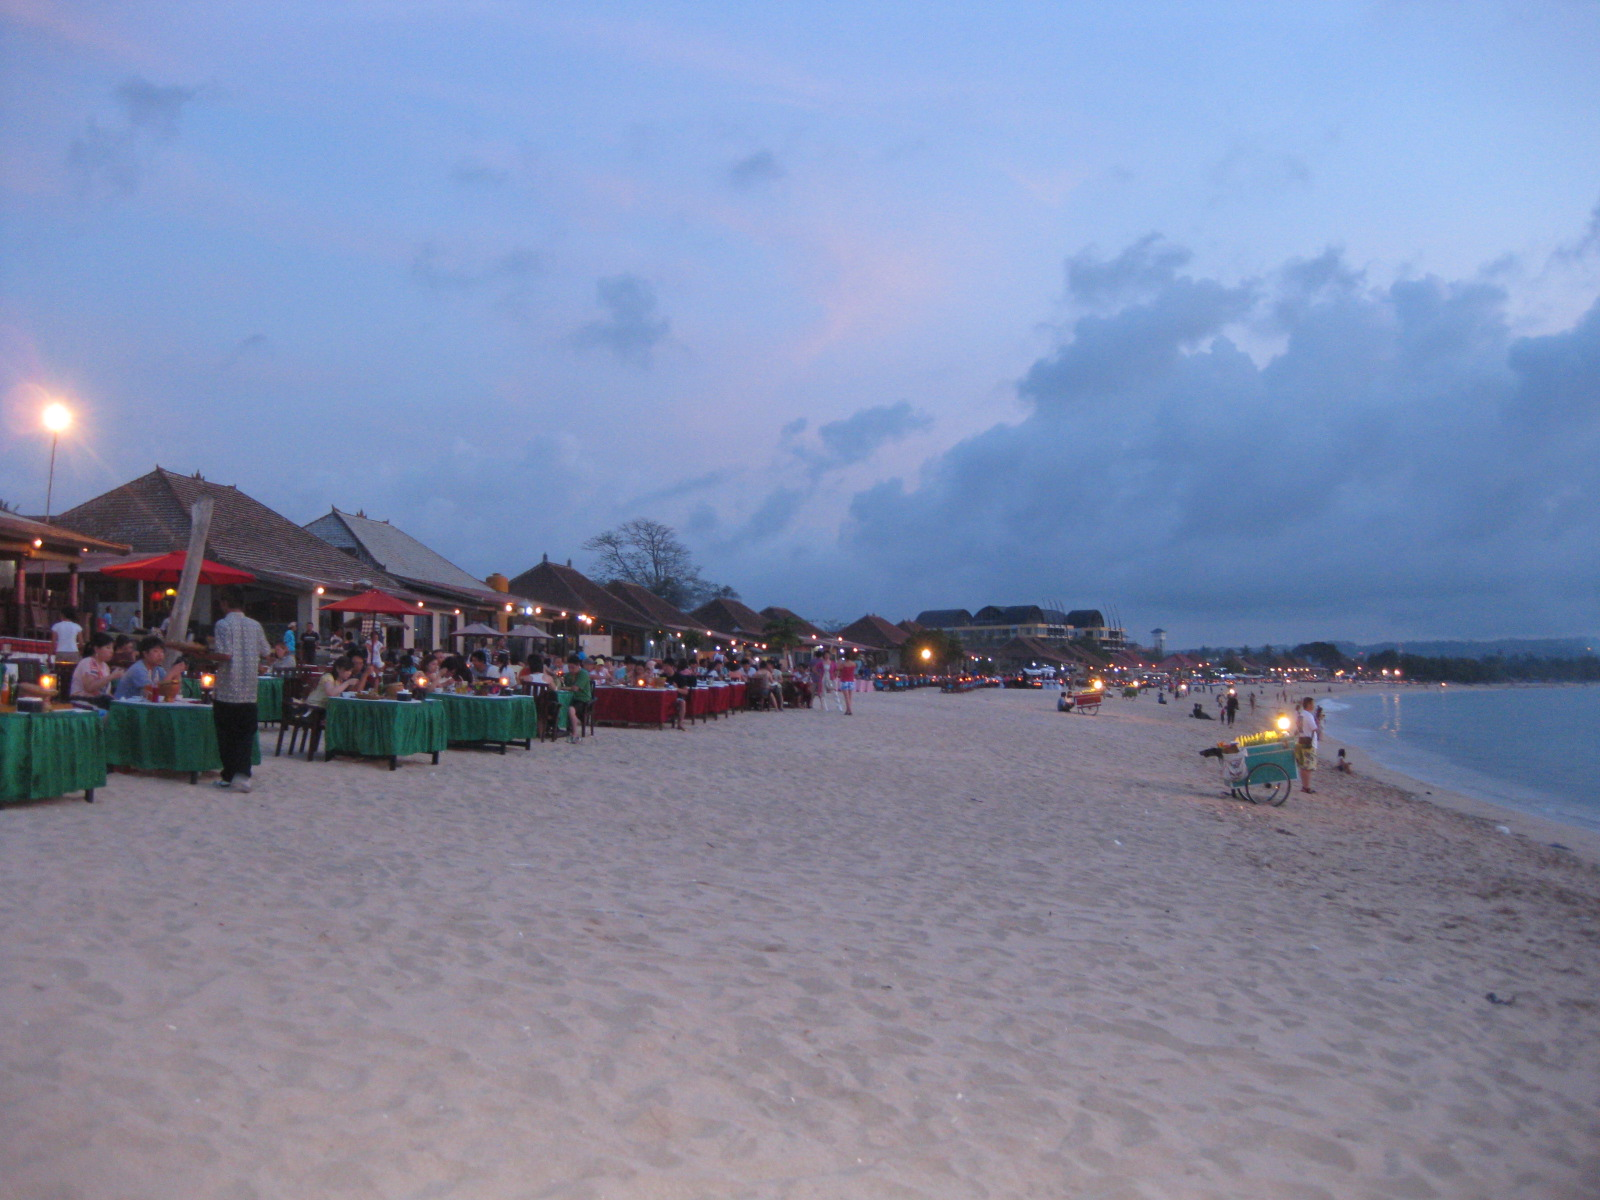 Wisata Bali di Pantai Jimbaran